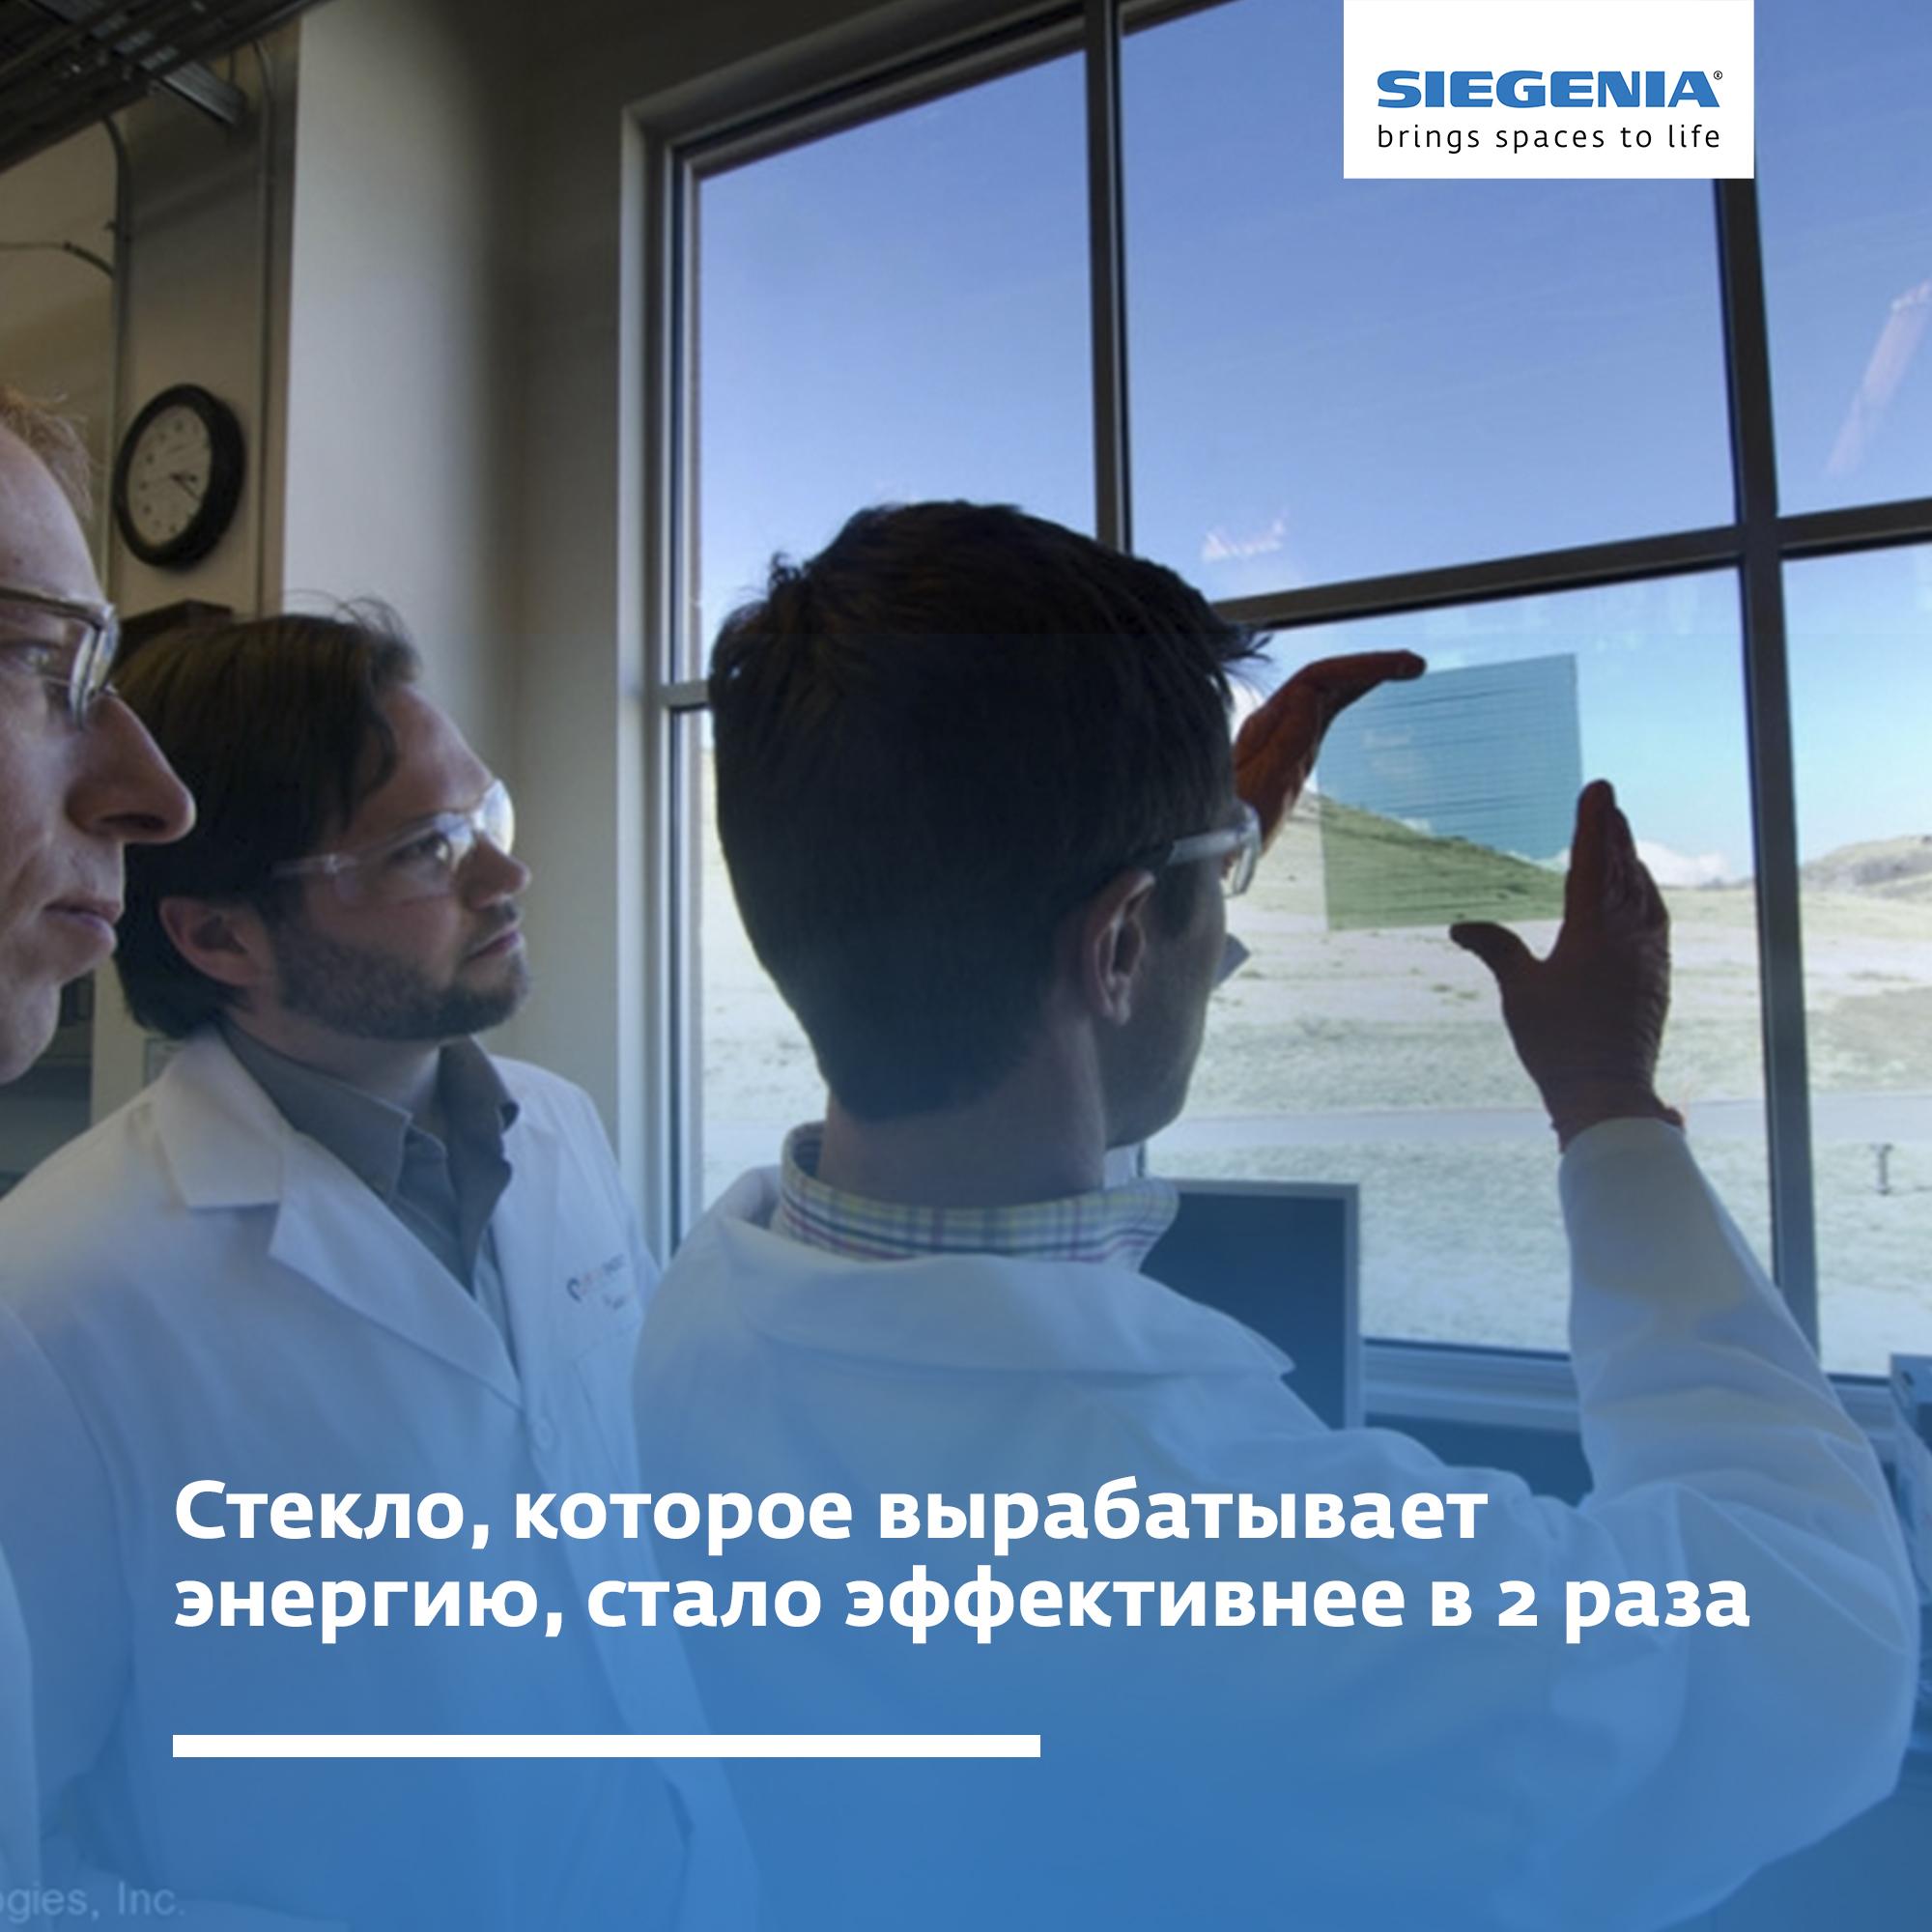 steklo-kotoroe-vyrabatyvaet-ehnergiyu-stalo-ehffektivnee-v-2-raza